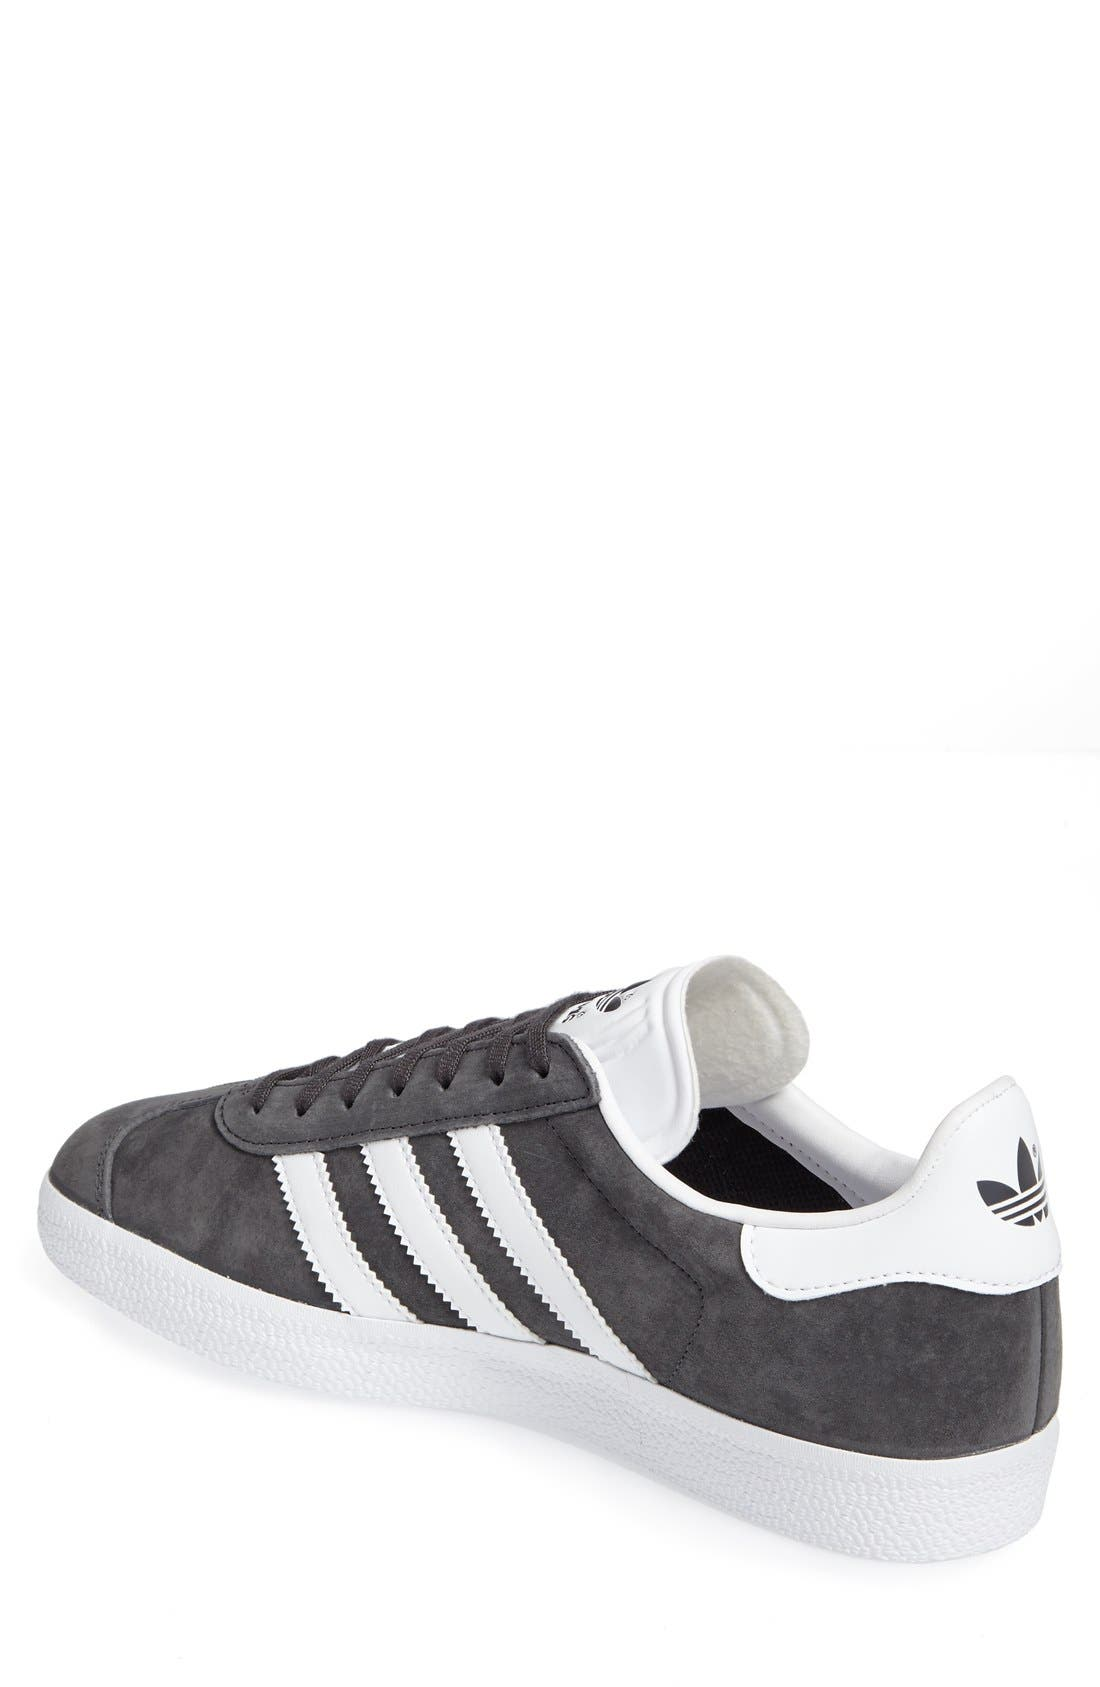 Gazelle Sneaker,                             Alternate thumbnail 4, color,                             020